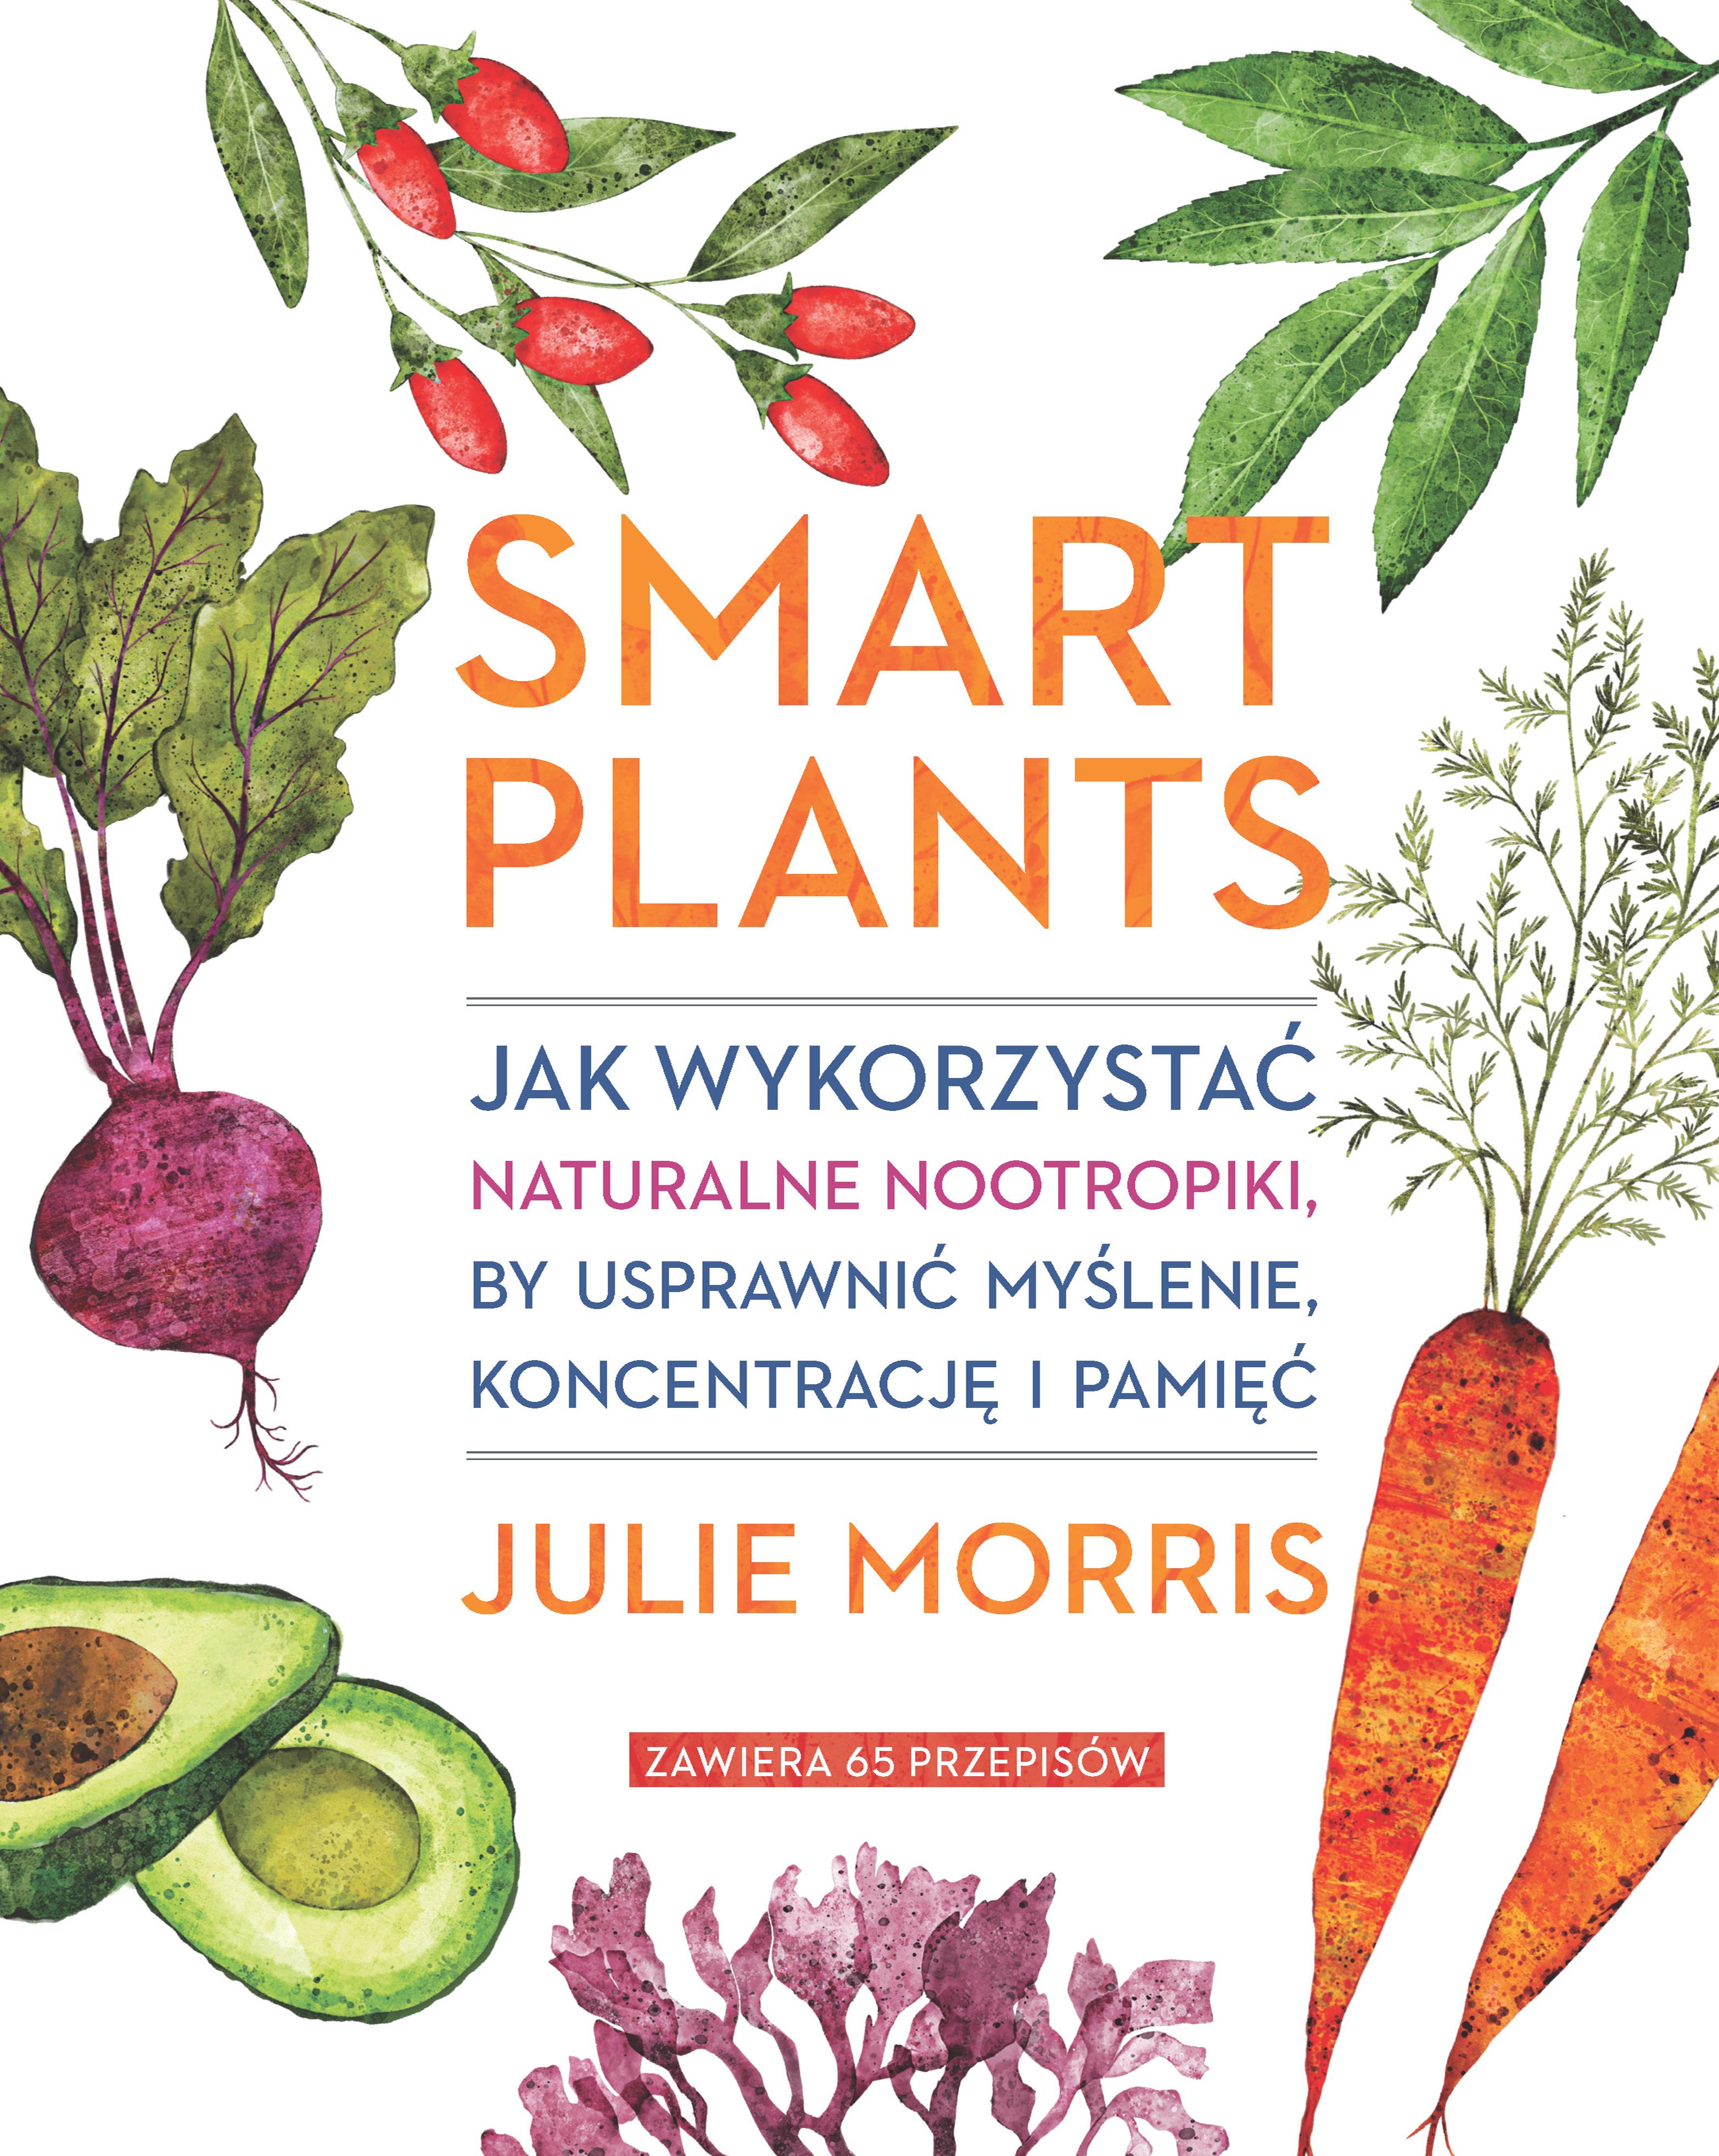 Smart Plants. Jak wykorzystać naturalne nootropiki, by usprawnić myślenie, koncentrację i pamięć